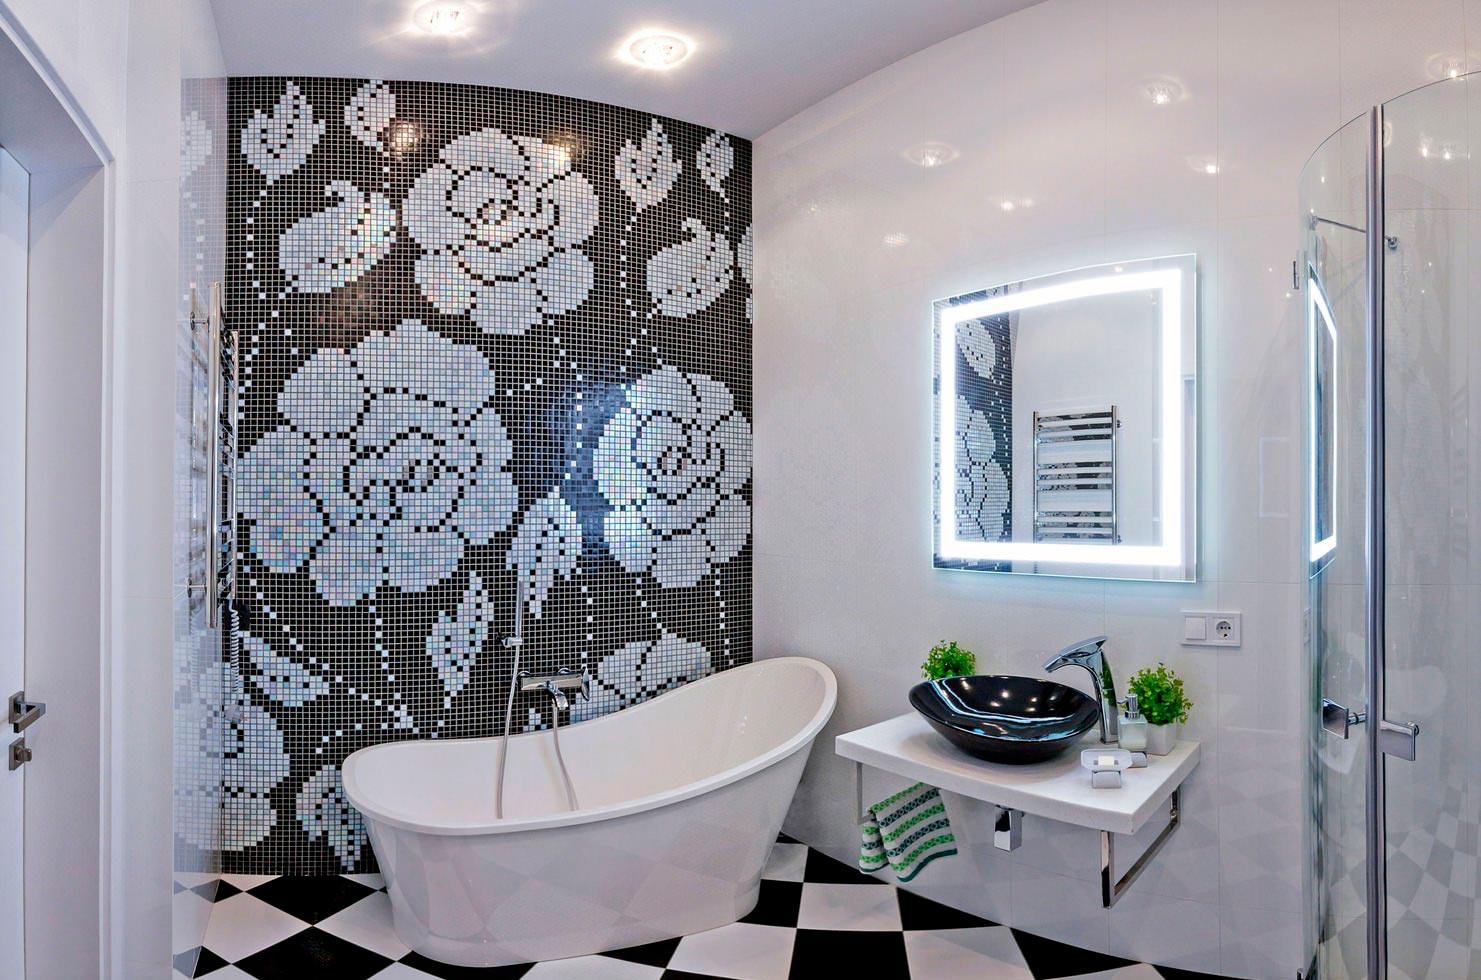 Освещение для ванной комнаты в черно-белых тонах 2